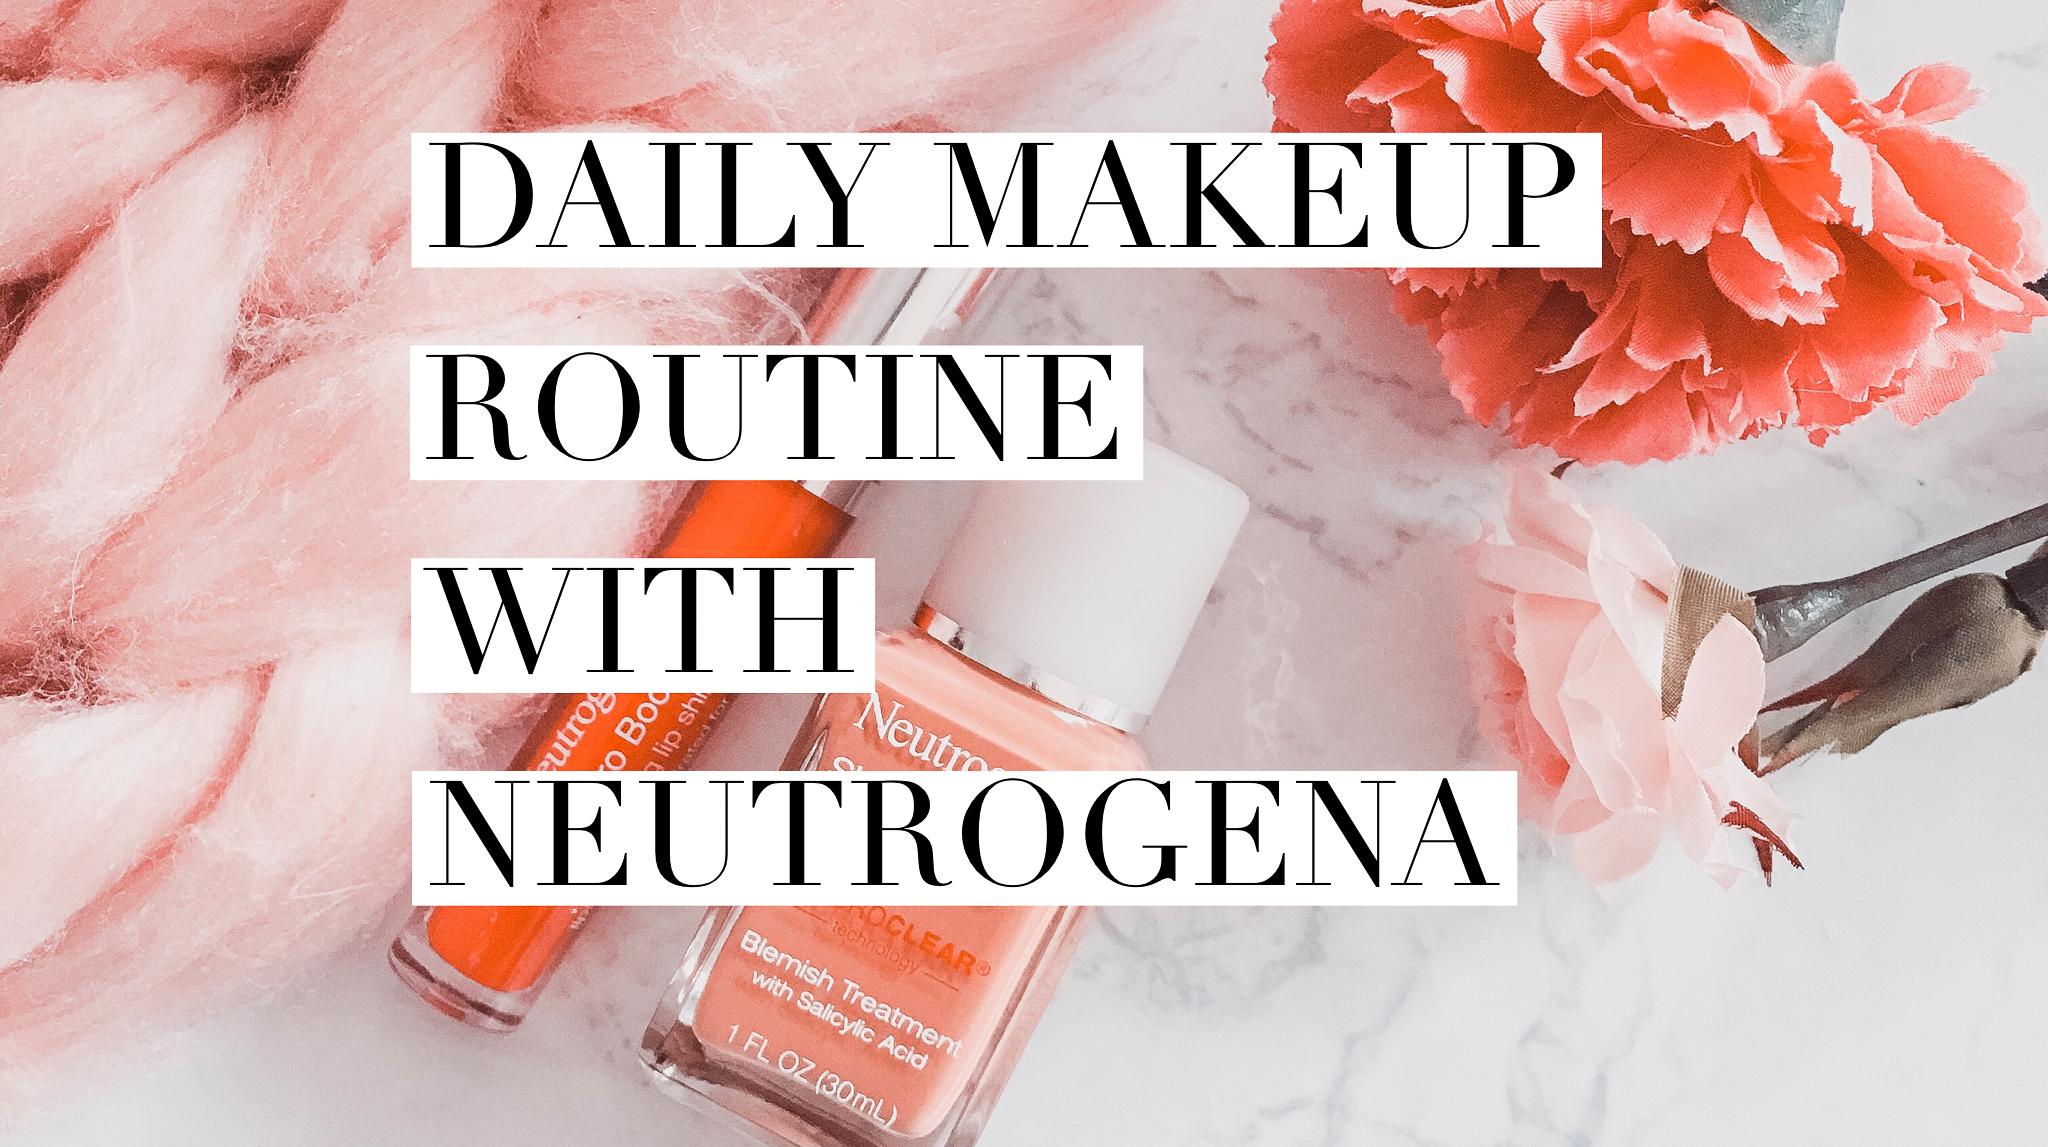 My Daily Routine with Neutrogena